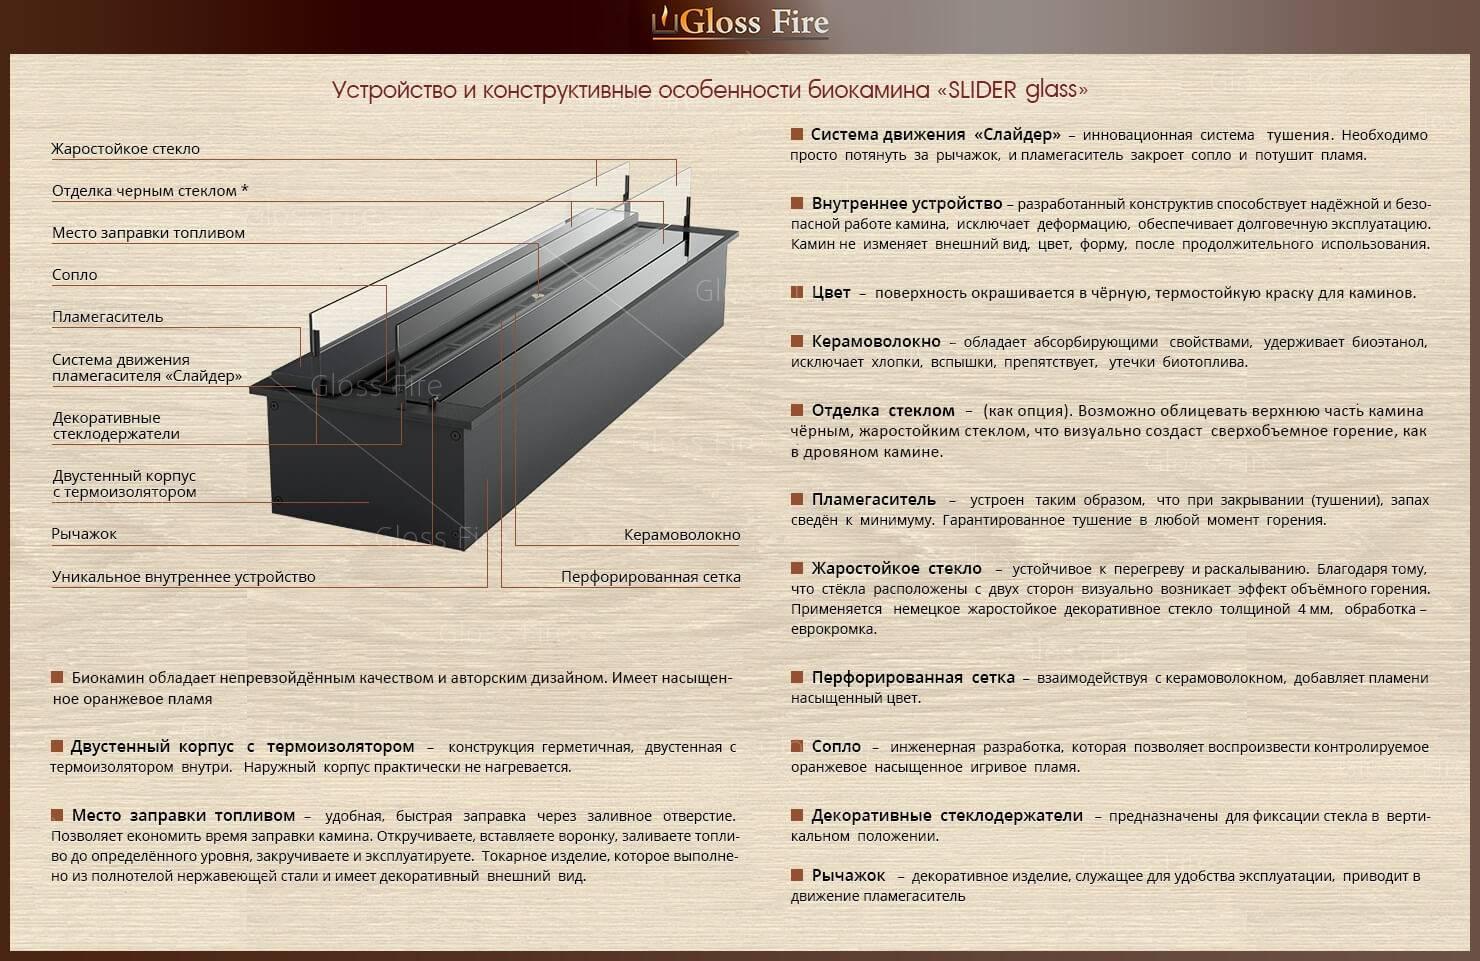 Как выбрать биотопливо для камина — расскажет эксперт. жми!